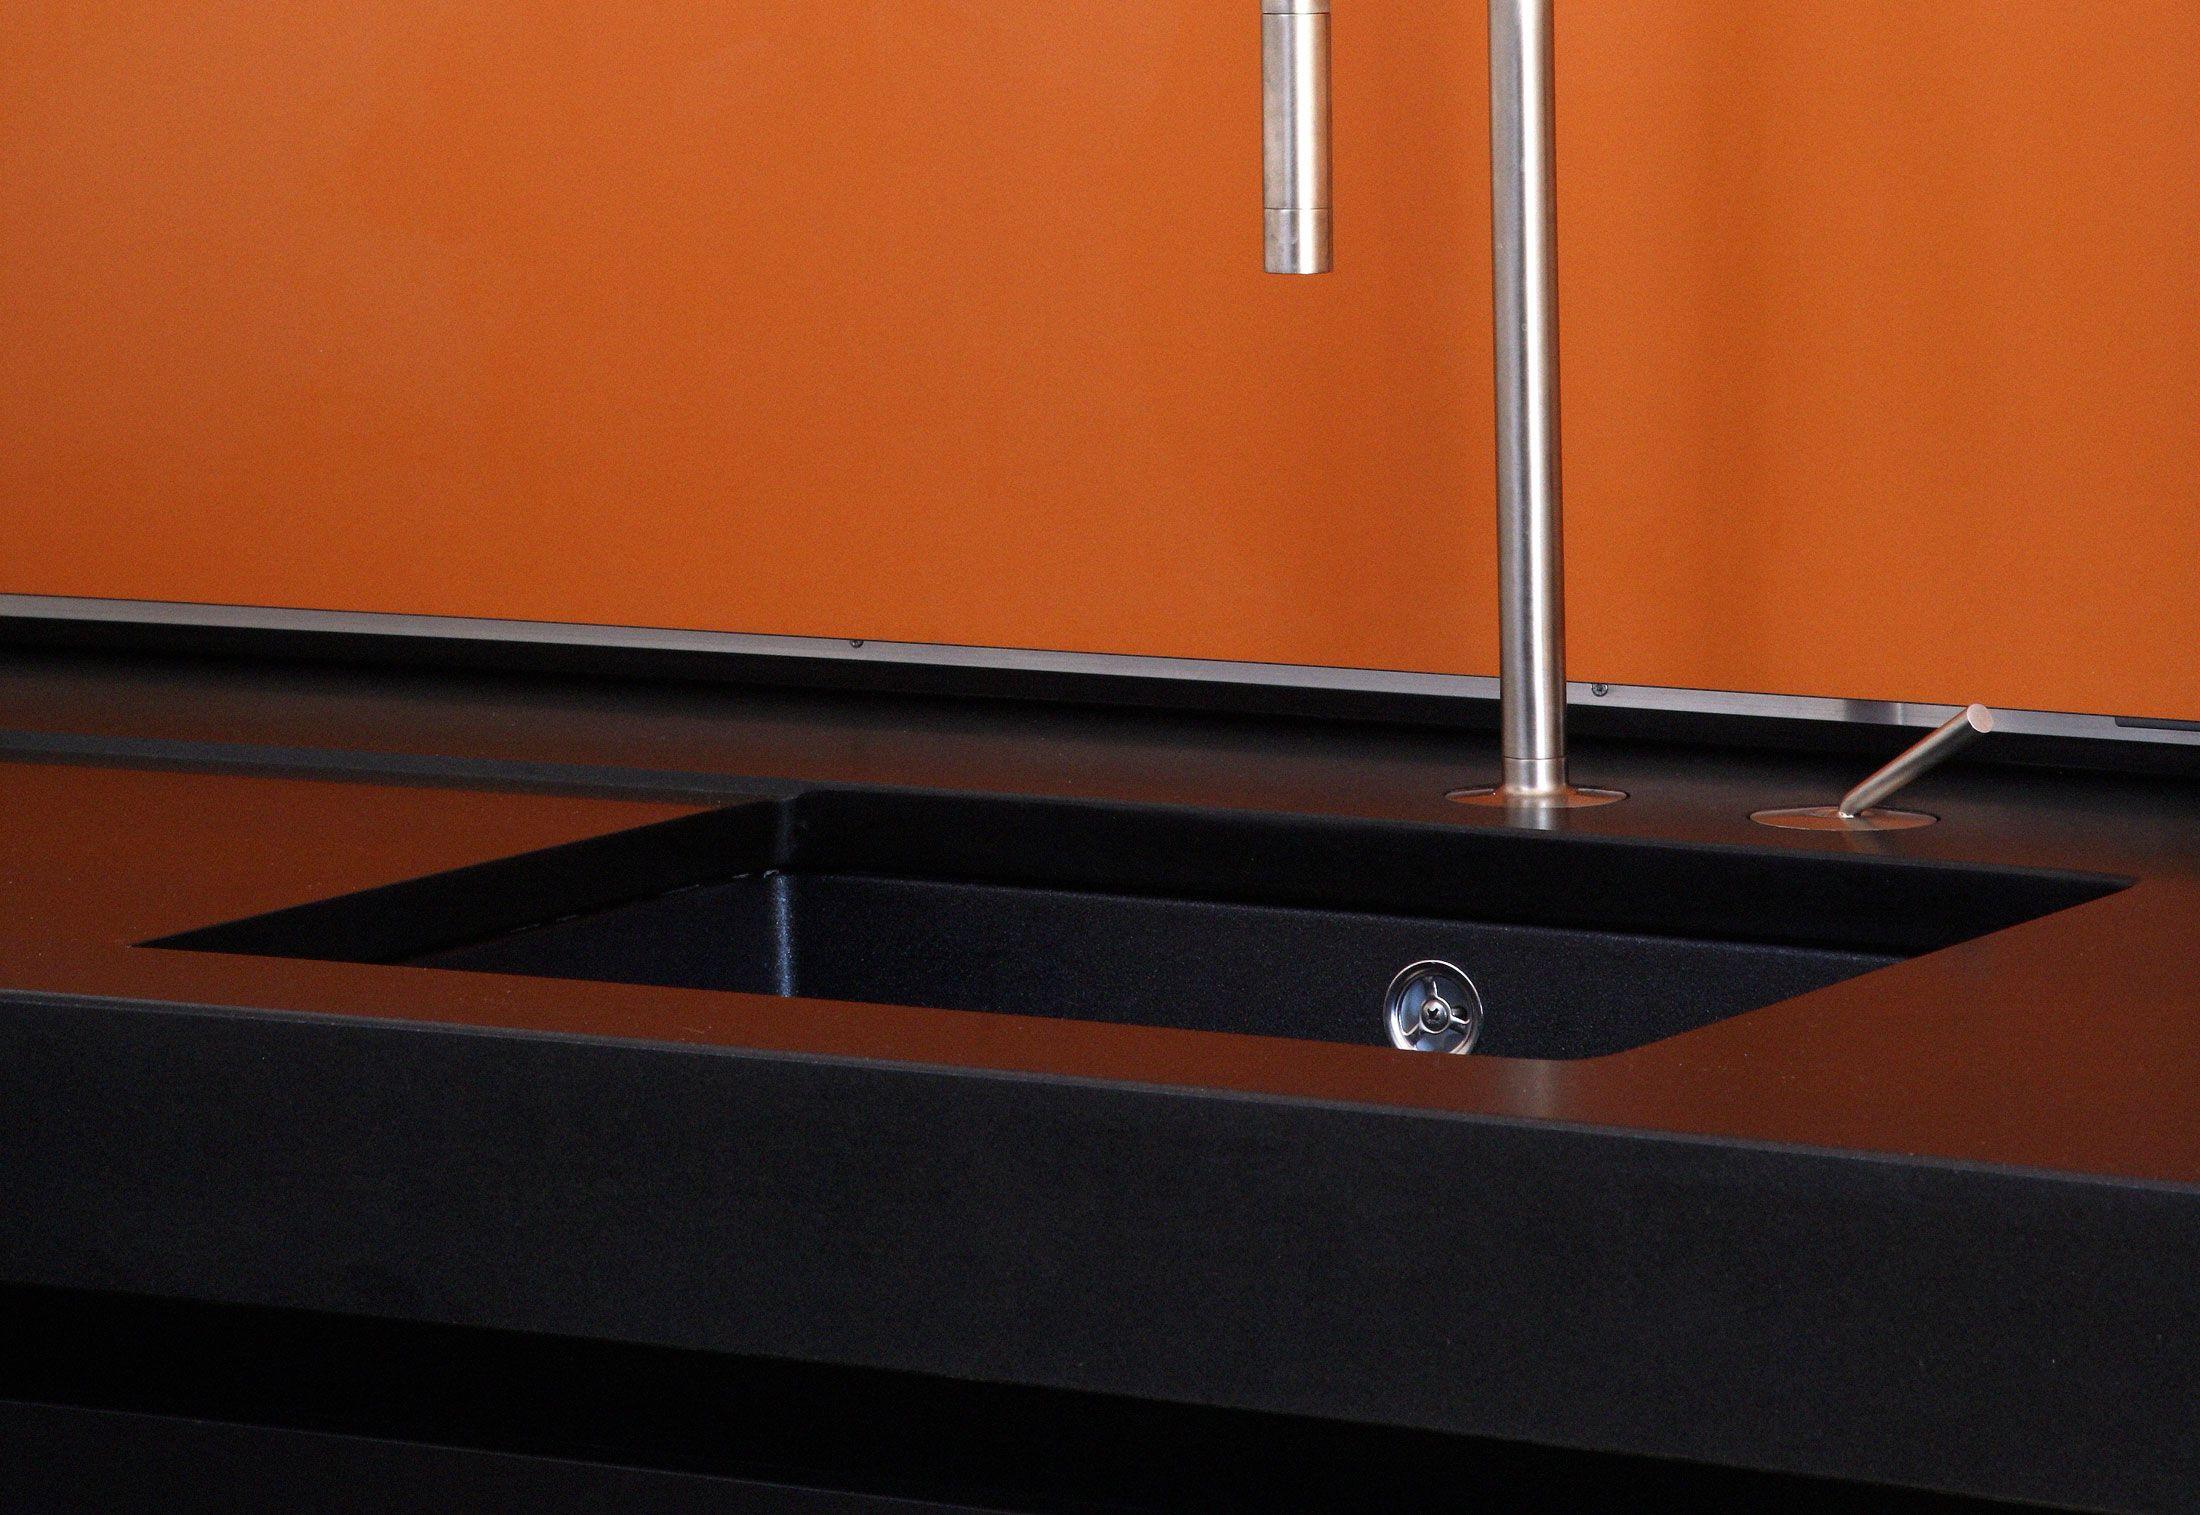 Holzrausch kuche p12 gt sauberes detail eingelassene for Amatur küche